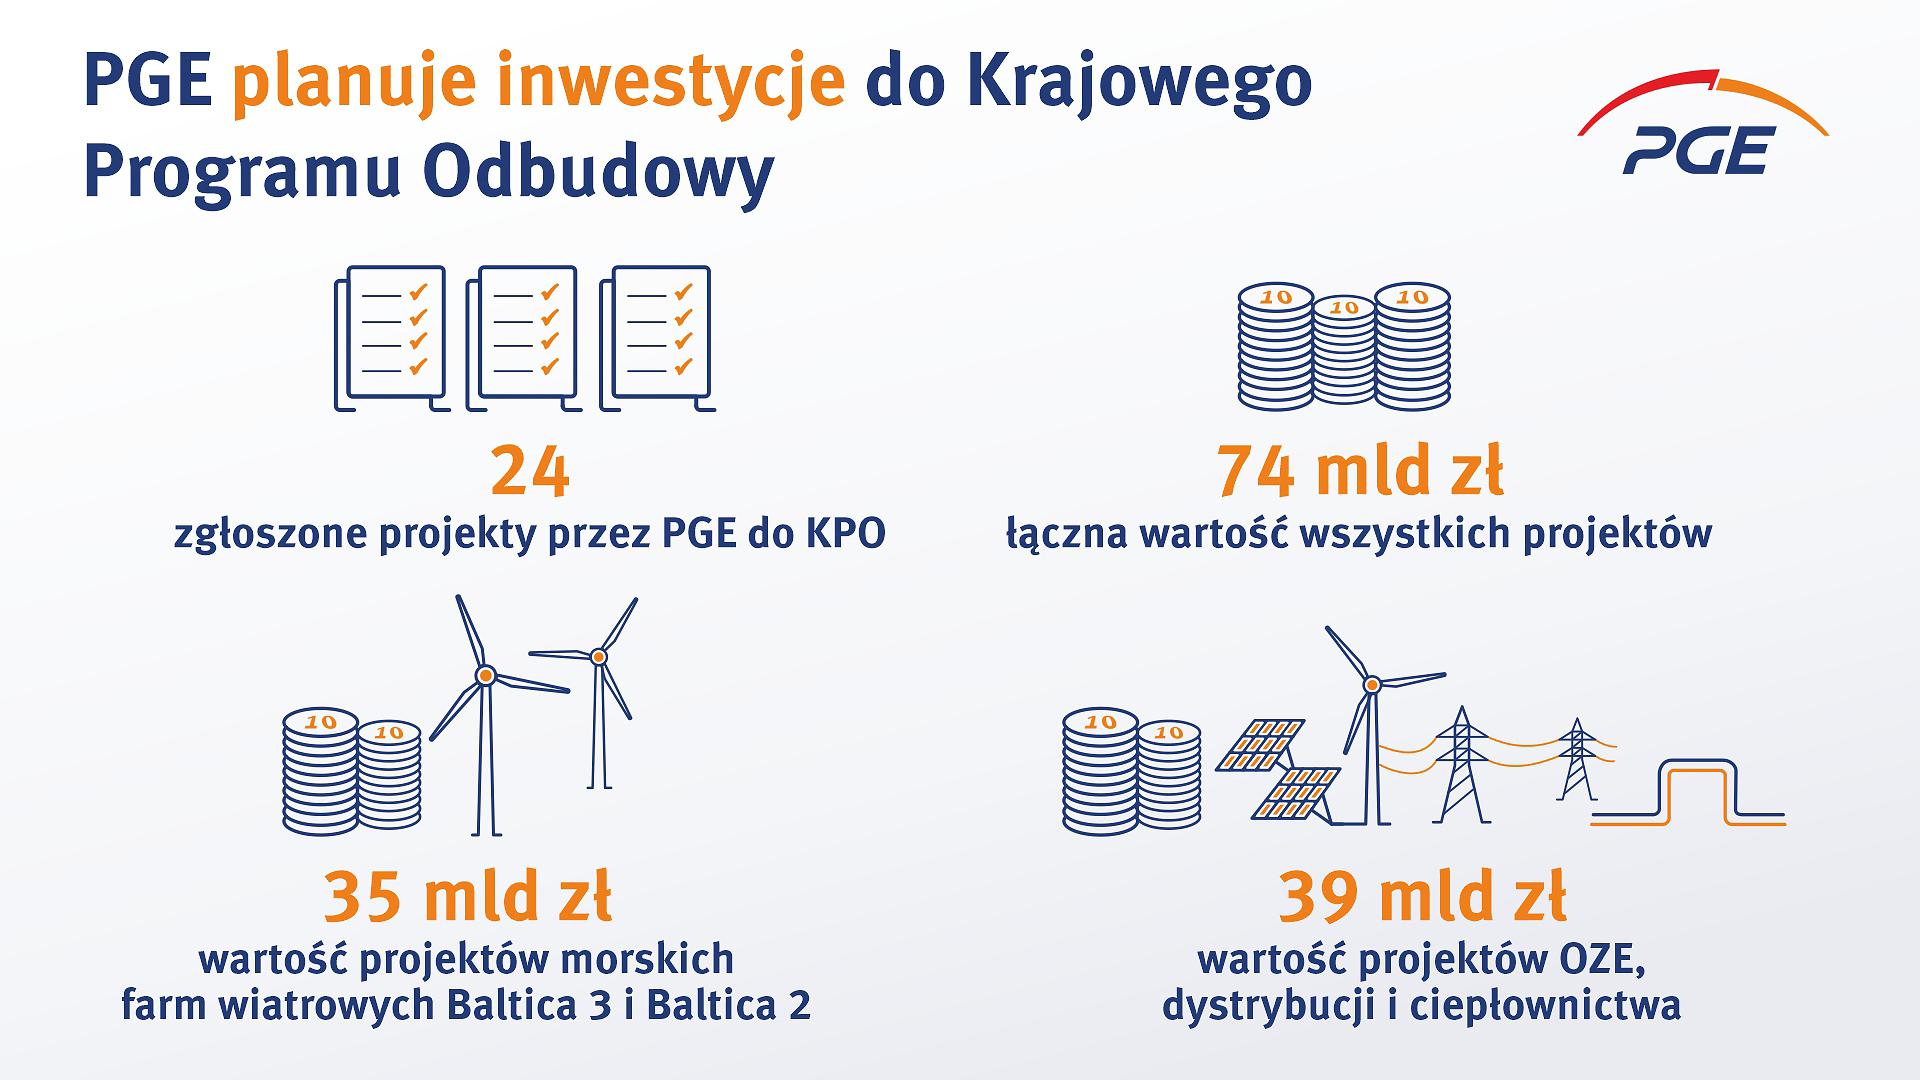 pge-planuje-inwestycje-do-krajowego-programu-odbudowy-o-wartosci-74-mld-zl_infografika.jpg